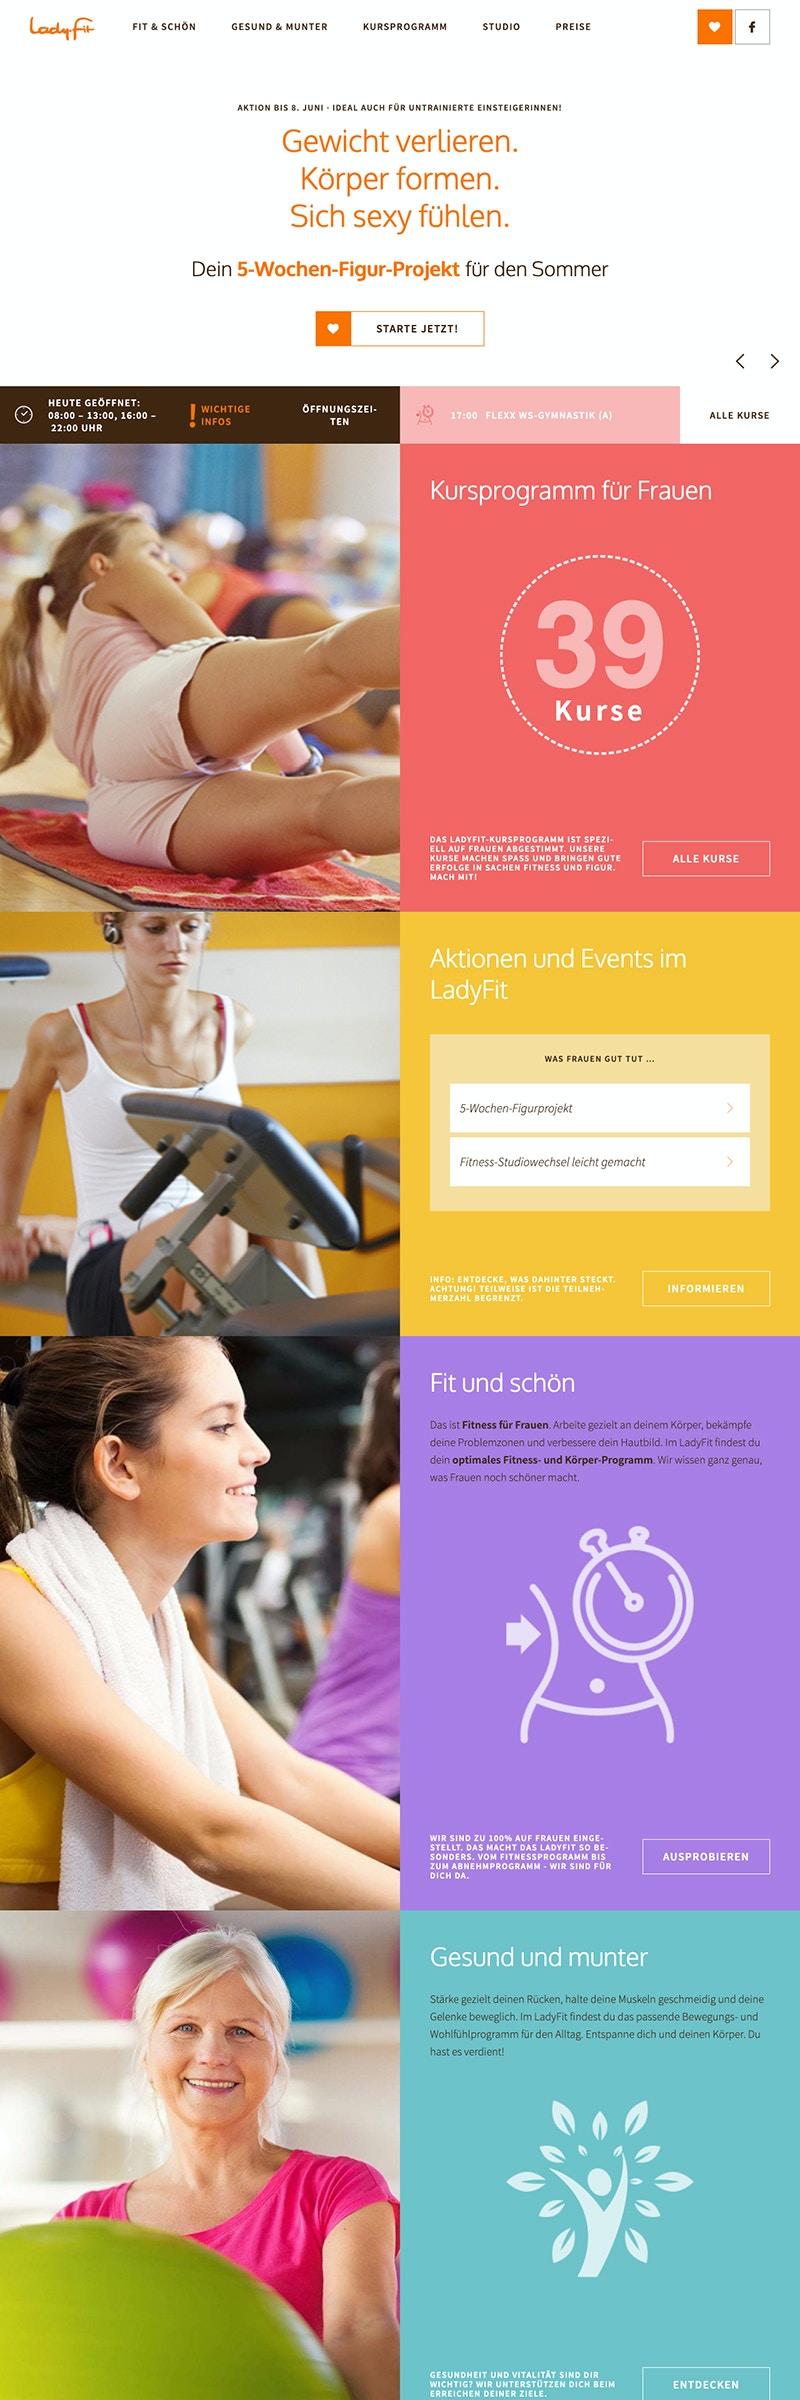 Webseite für Fitnessstudios mit aktueller Kursübersicht